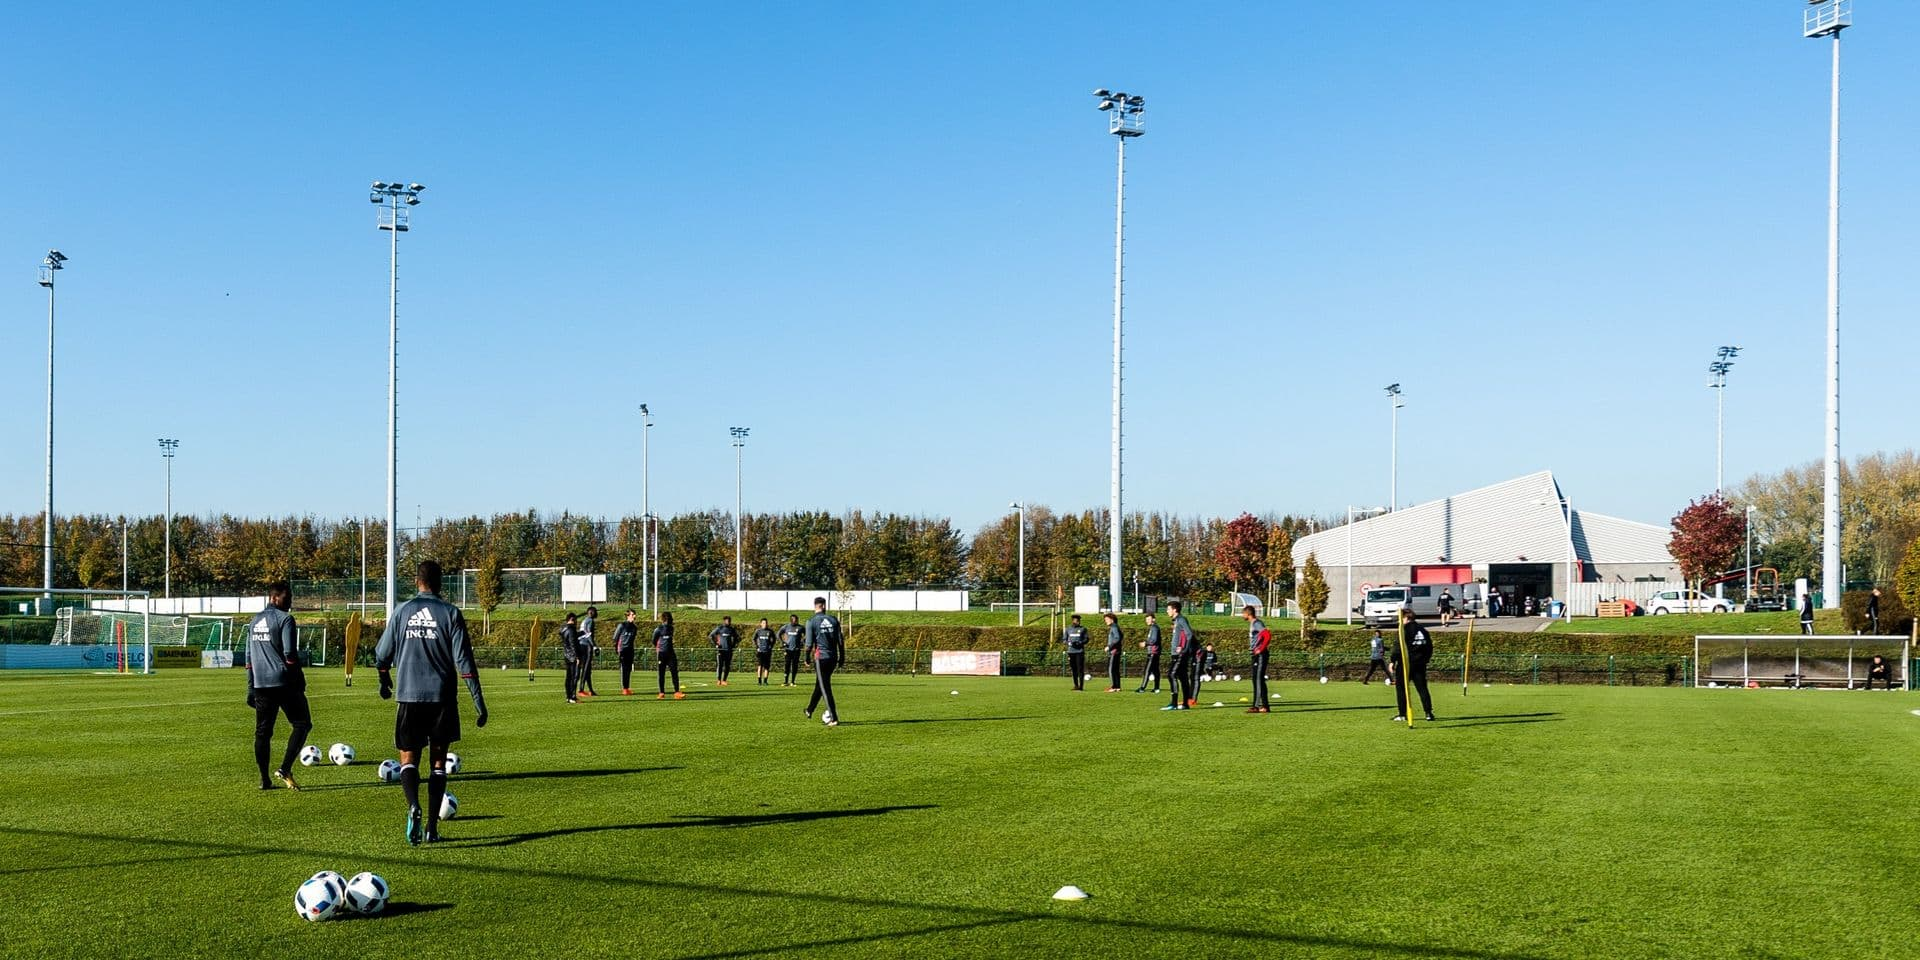 Le ministre Crucke débloque près d'un million d'euros pour les infrastructures sportives en Brabant wallon